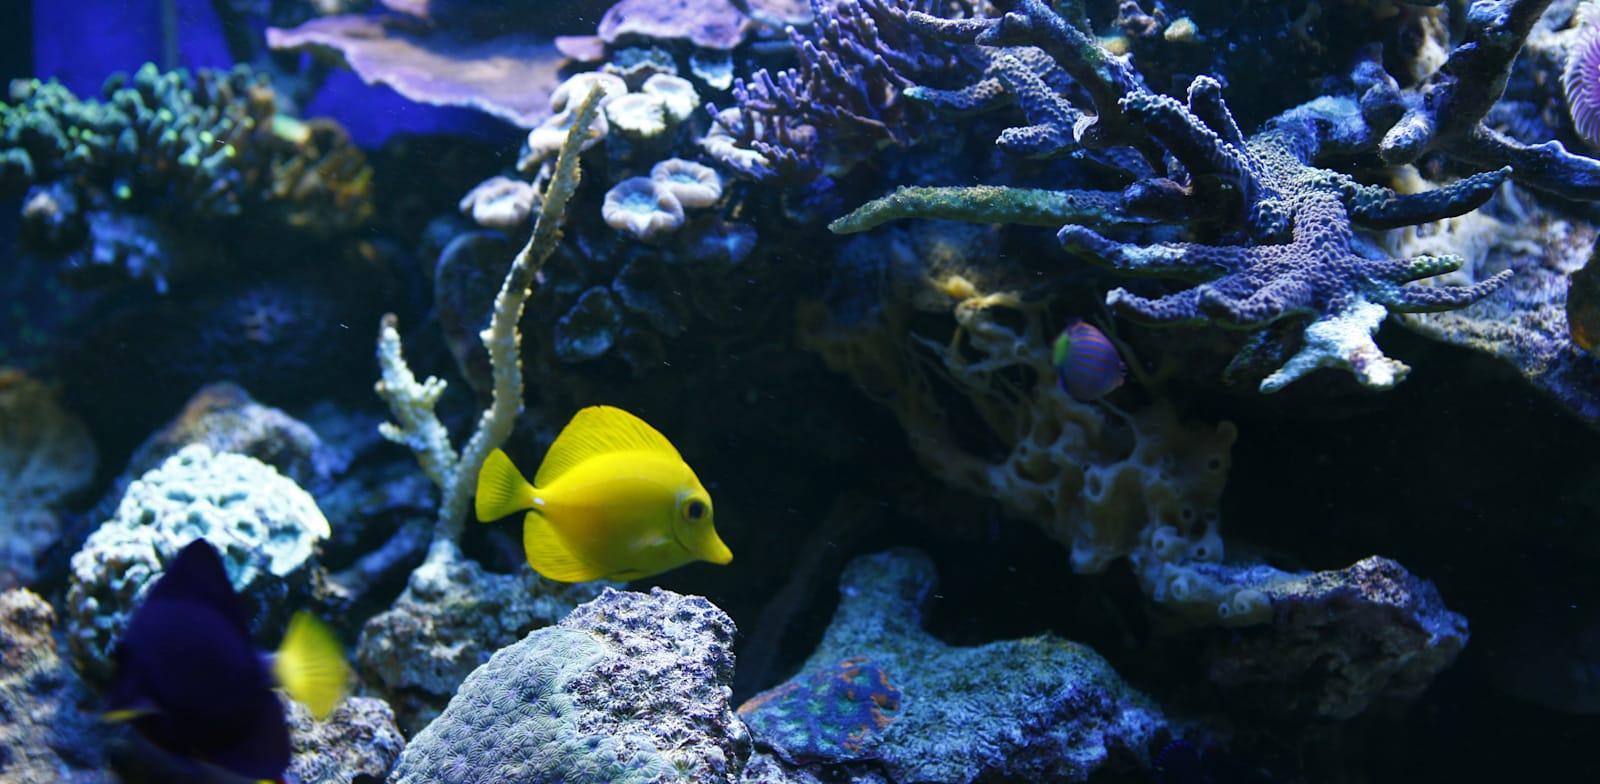 דגים שוחים בקרקעית הים / צילום: כפיר זיו